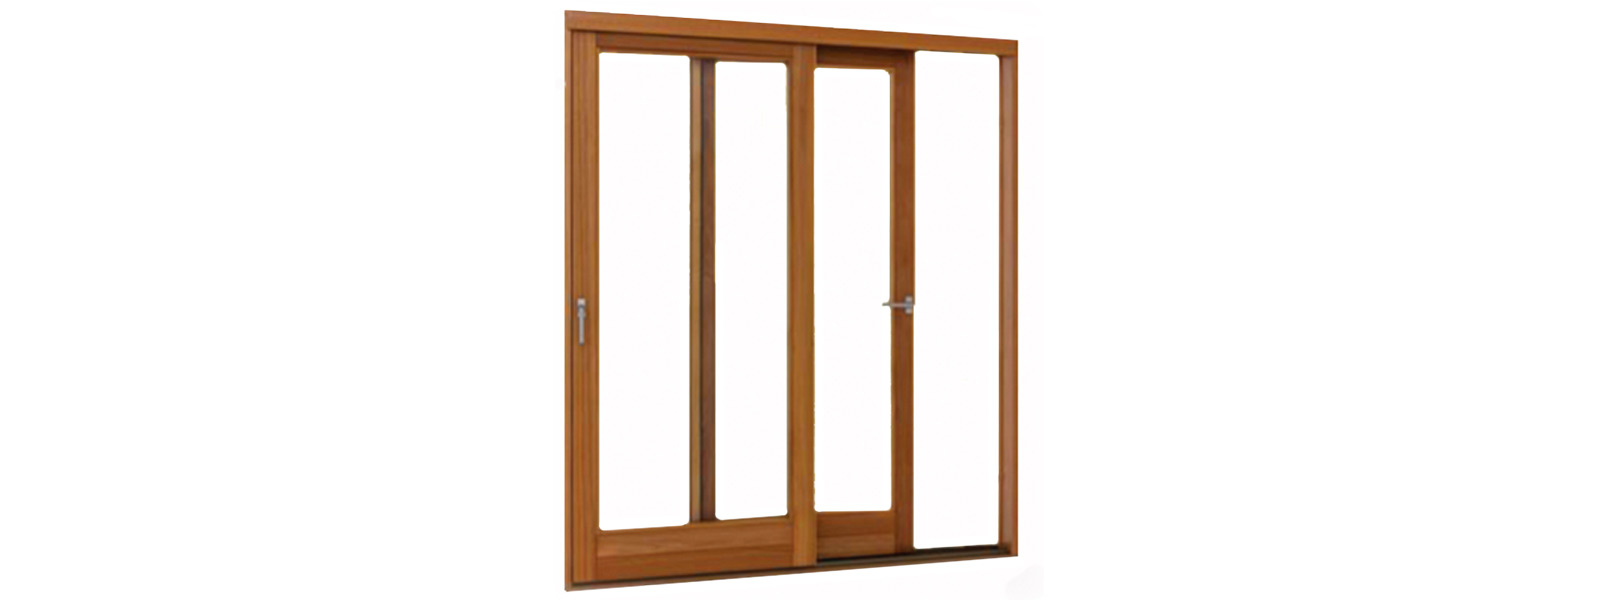 capa-porta-madeira-duas-folhas